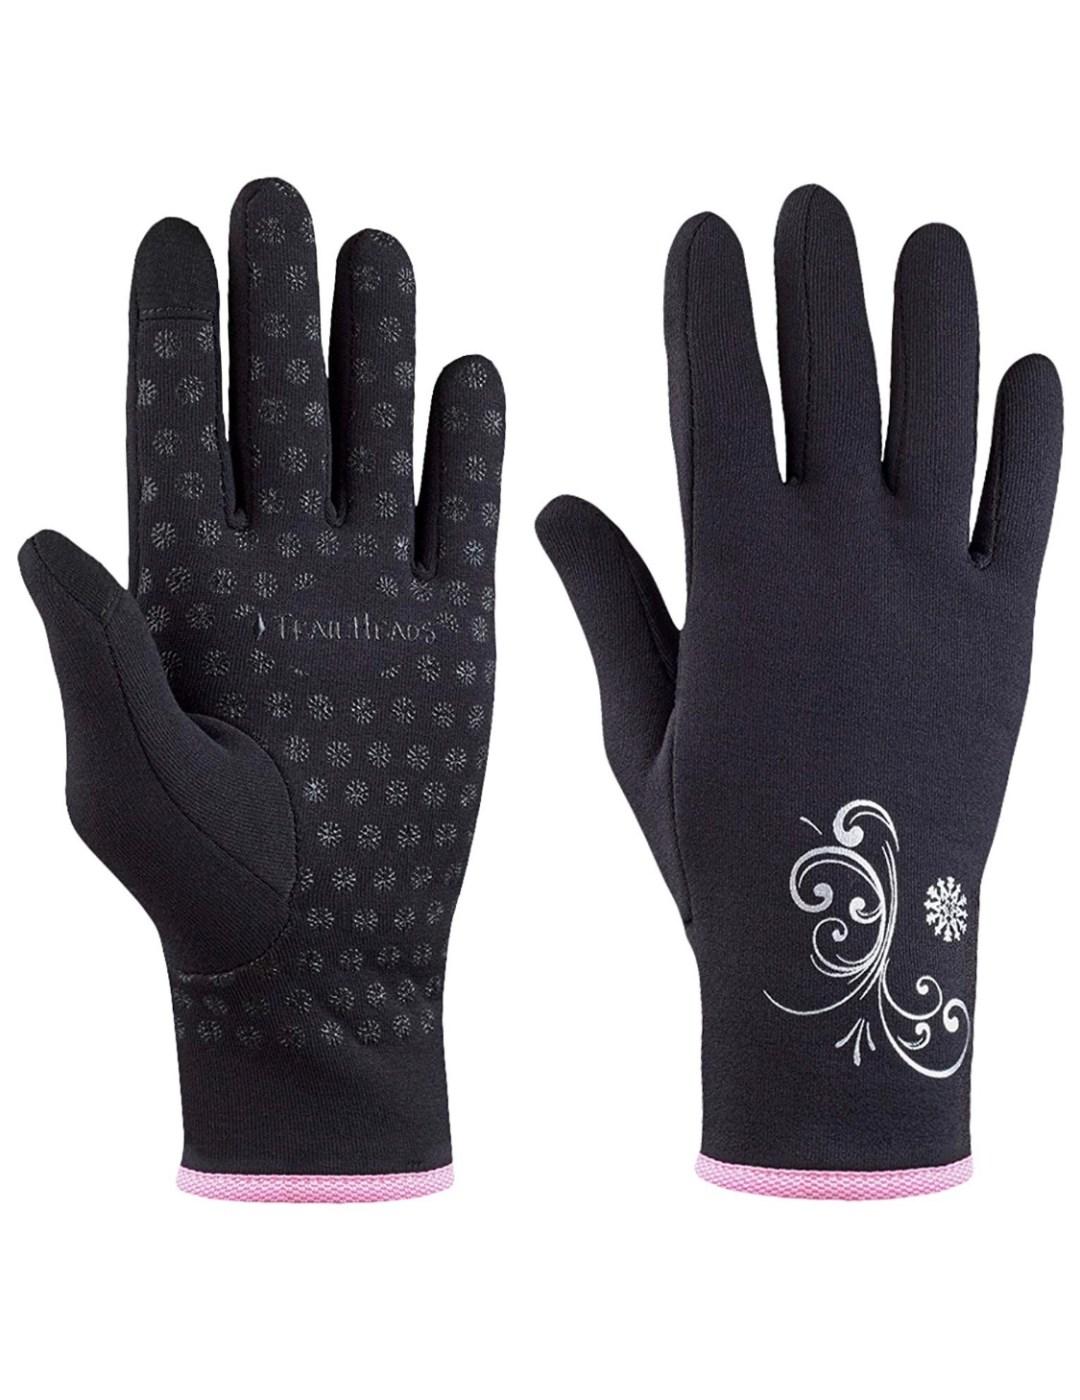 Women's Touch Screen Running Gloves